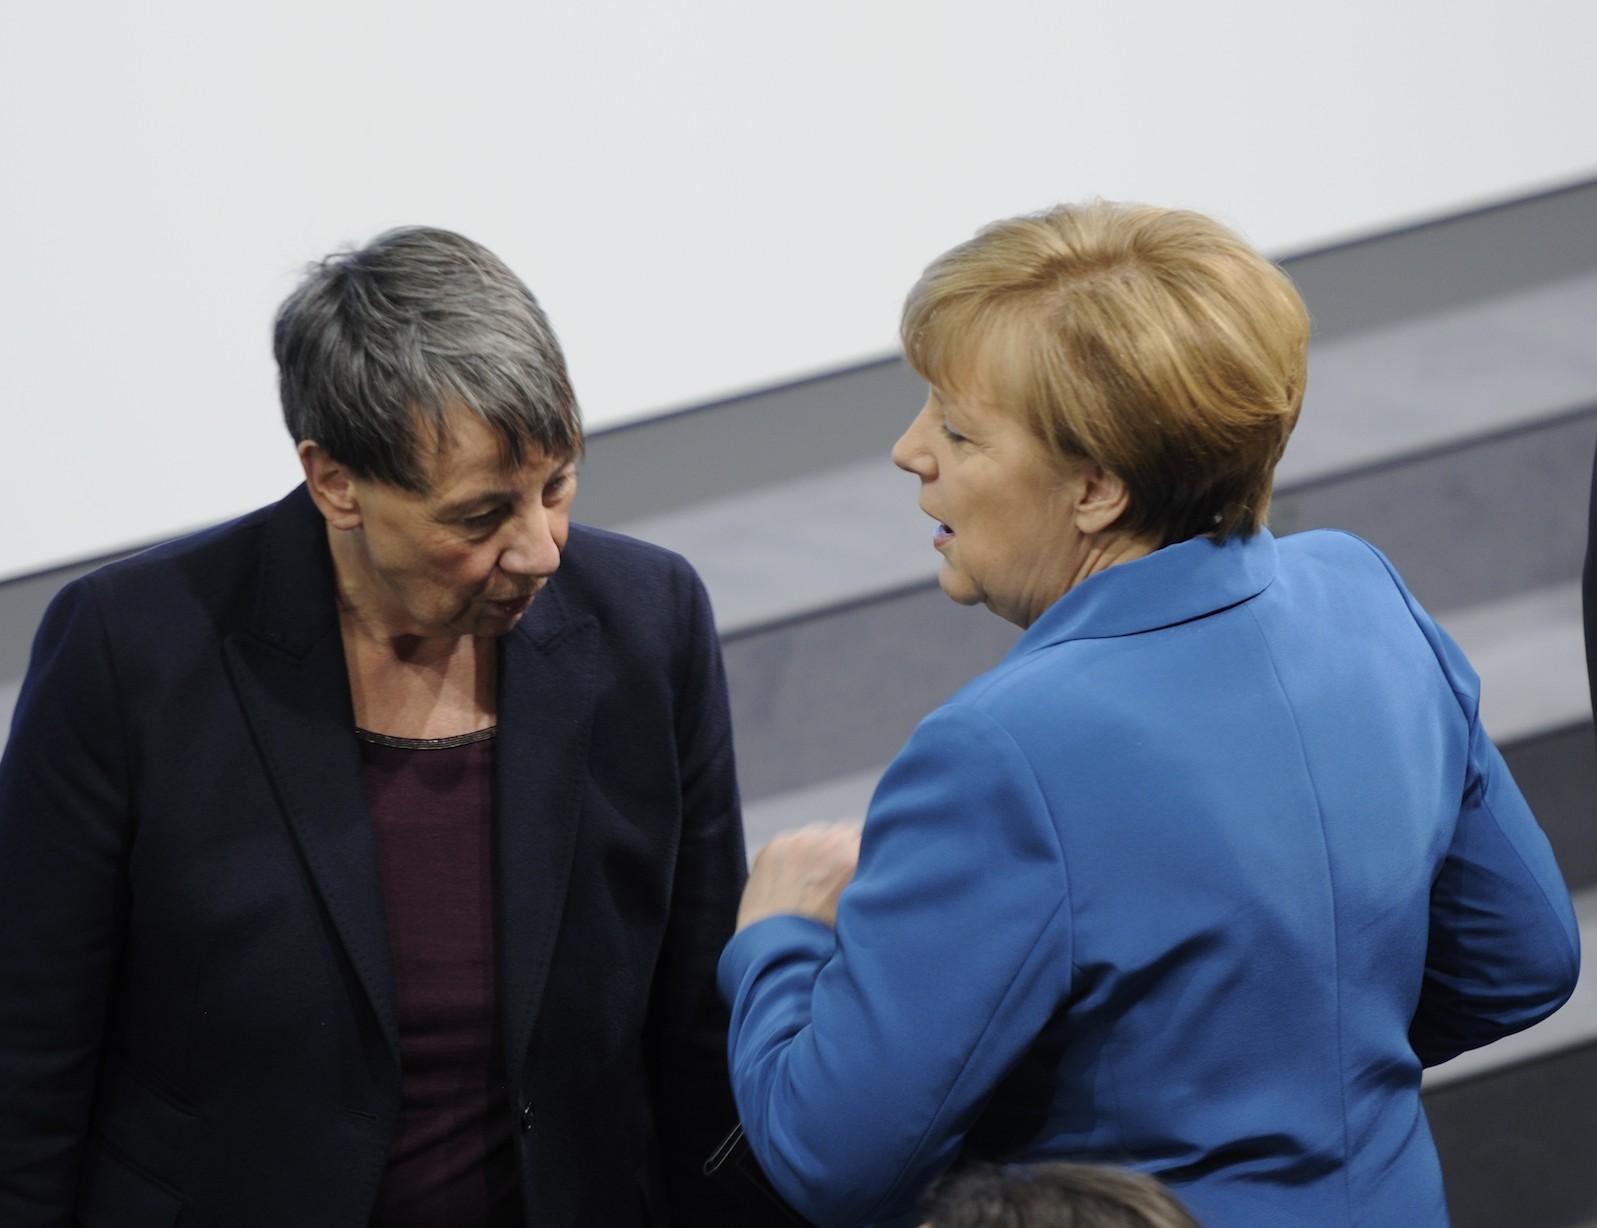 Foto: Martin Rulsch, Wikimedia Commons, CC-by-sa 4.0, Unterzeichnung des Koalitionsvertrages der 18. Wahlperiode des Bundestages (Martin Rulsch) 044, CC BY-SA 4.0